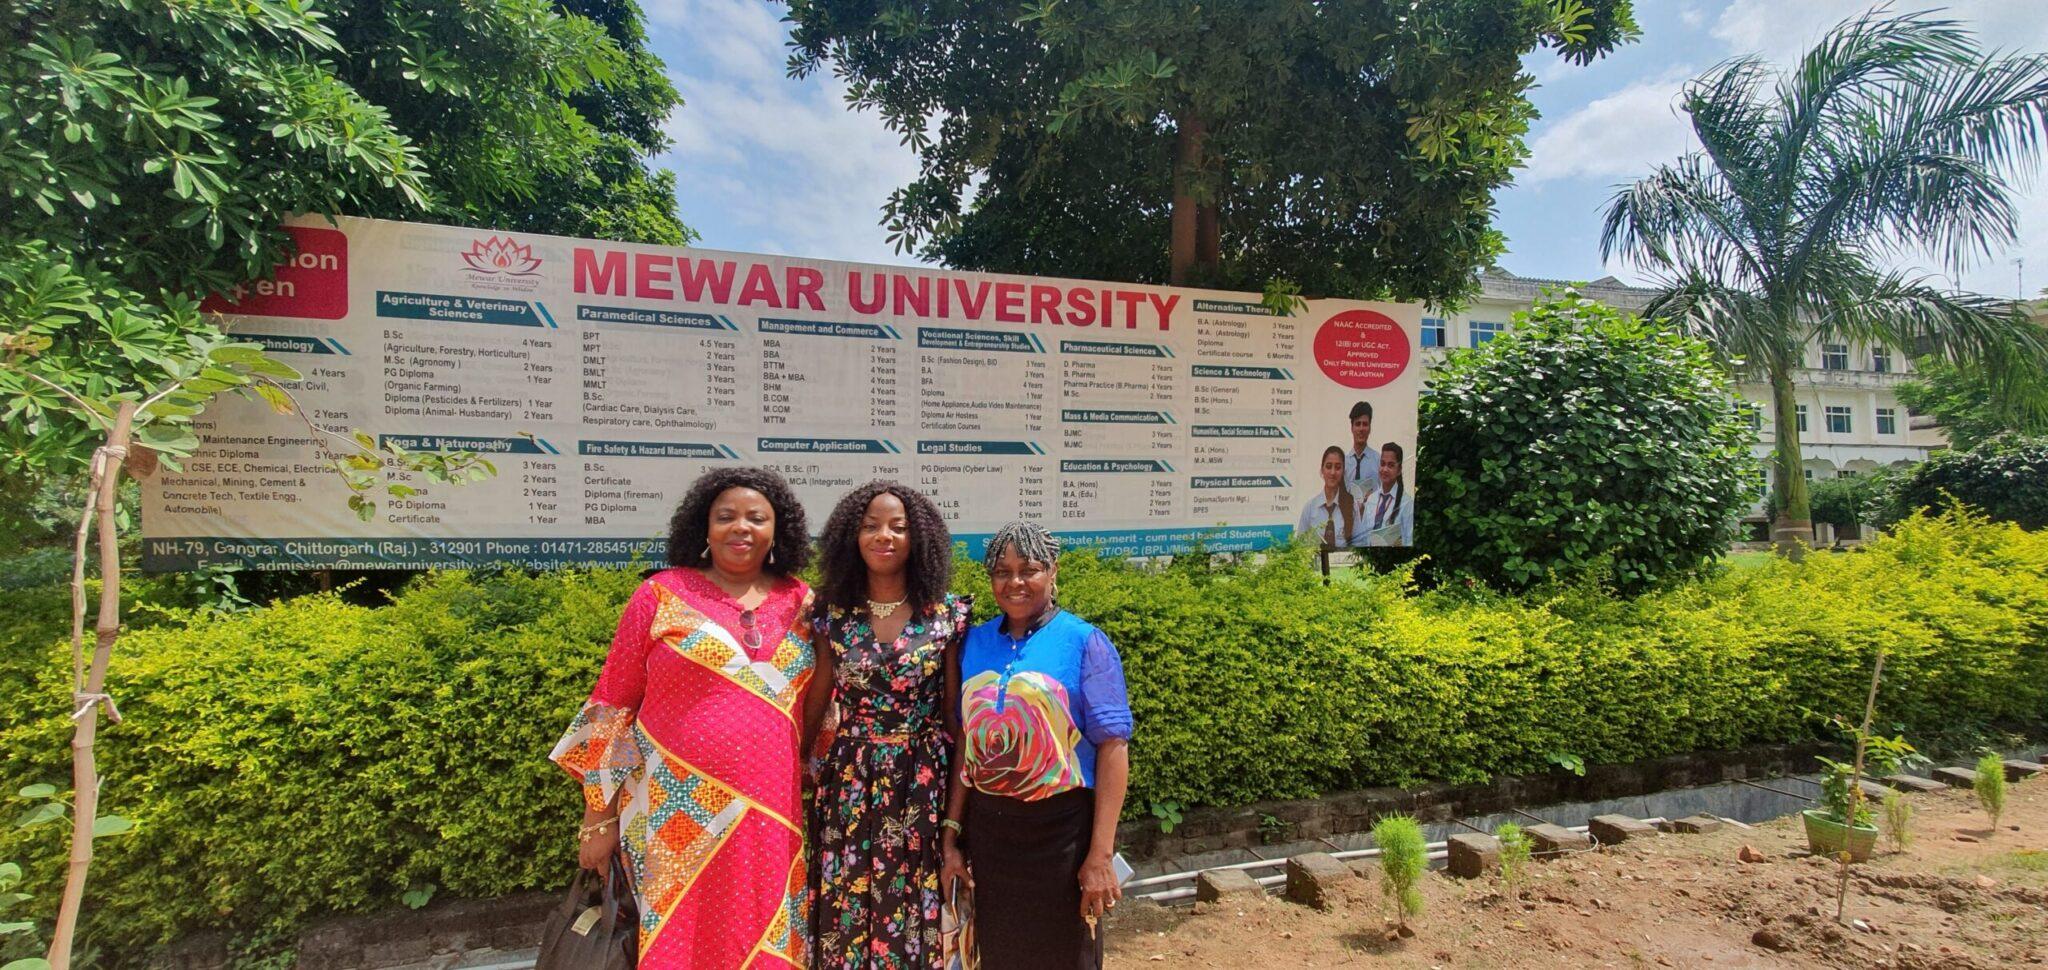 Mewar University 20190923 120710 scaled